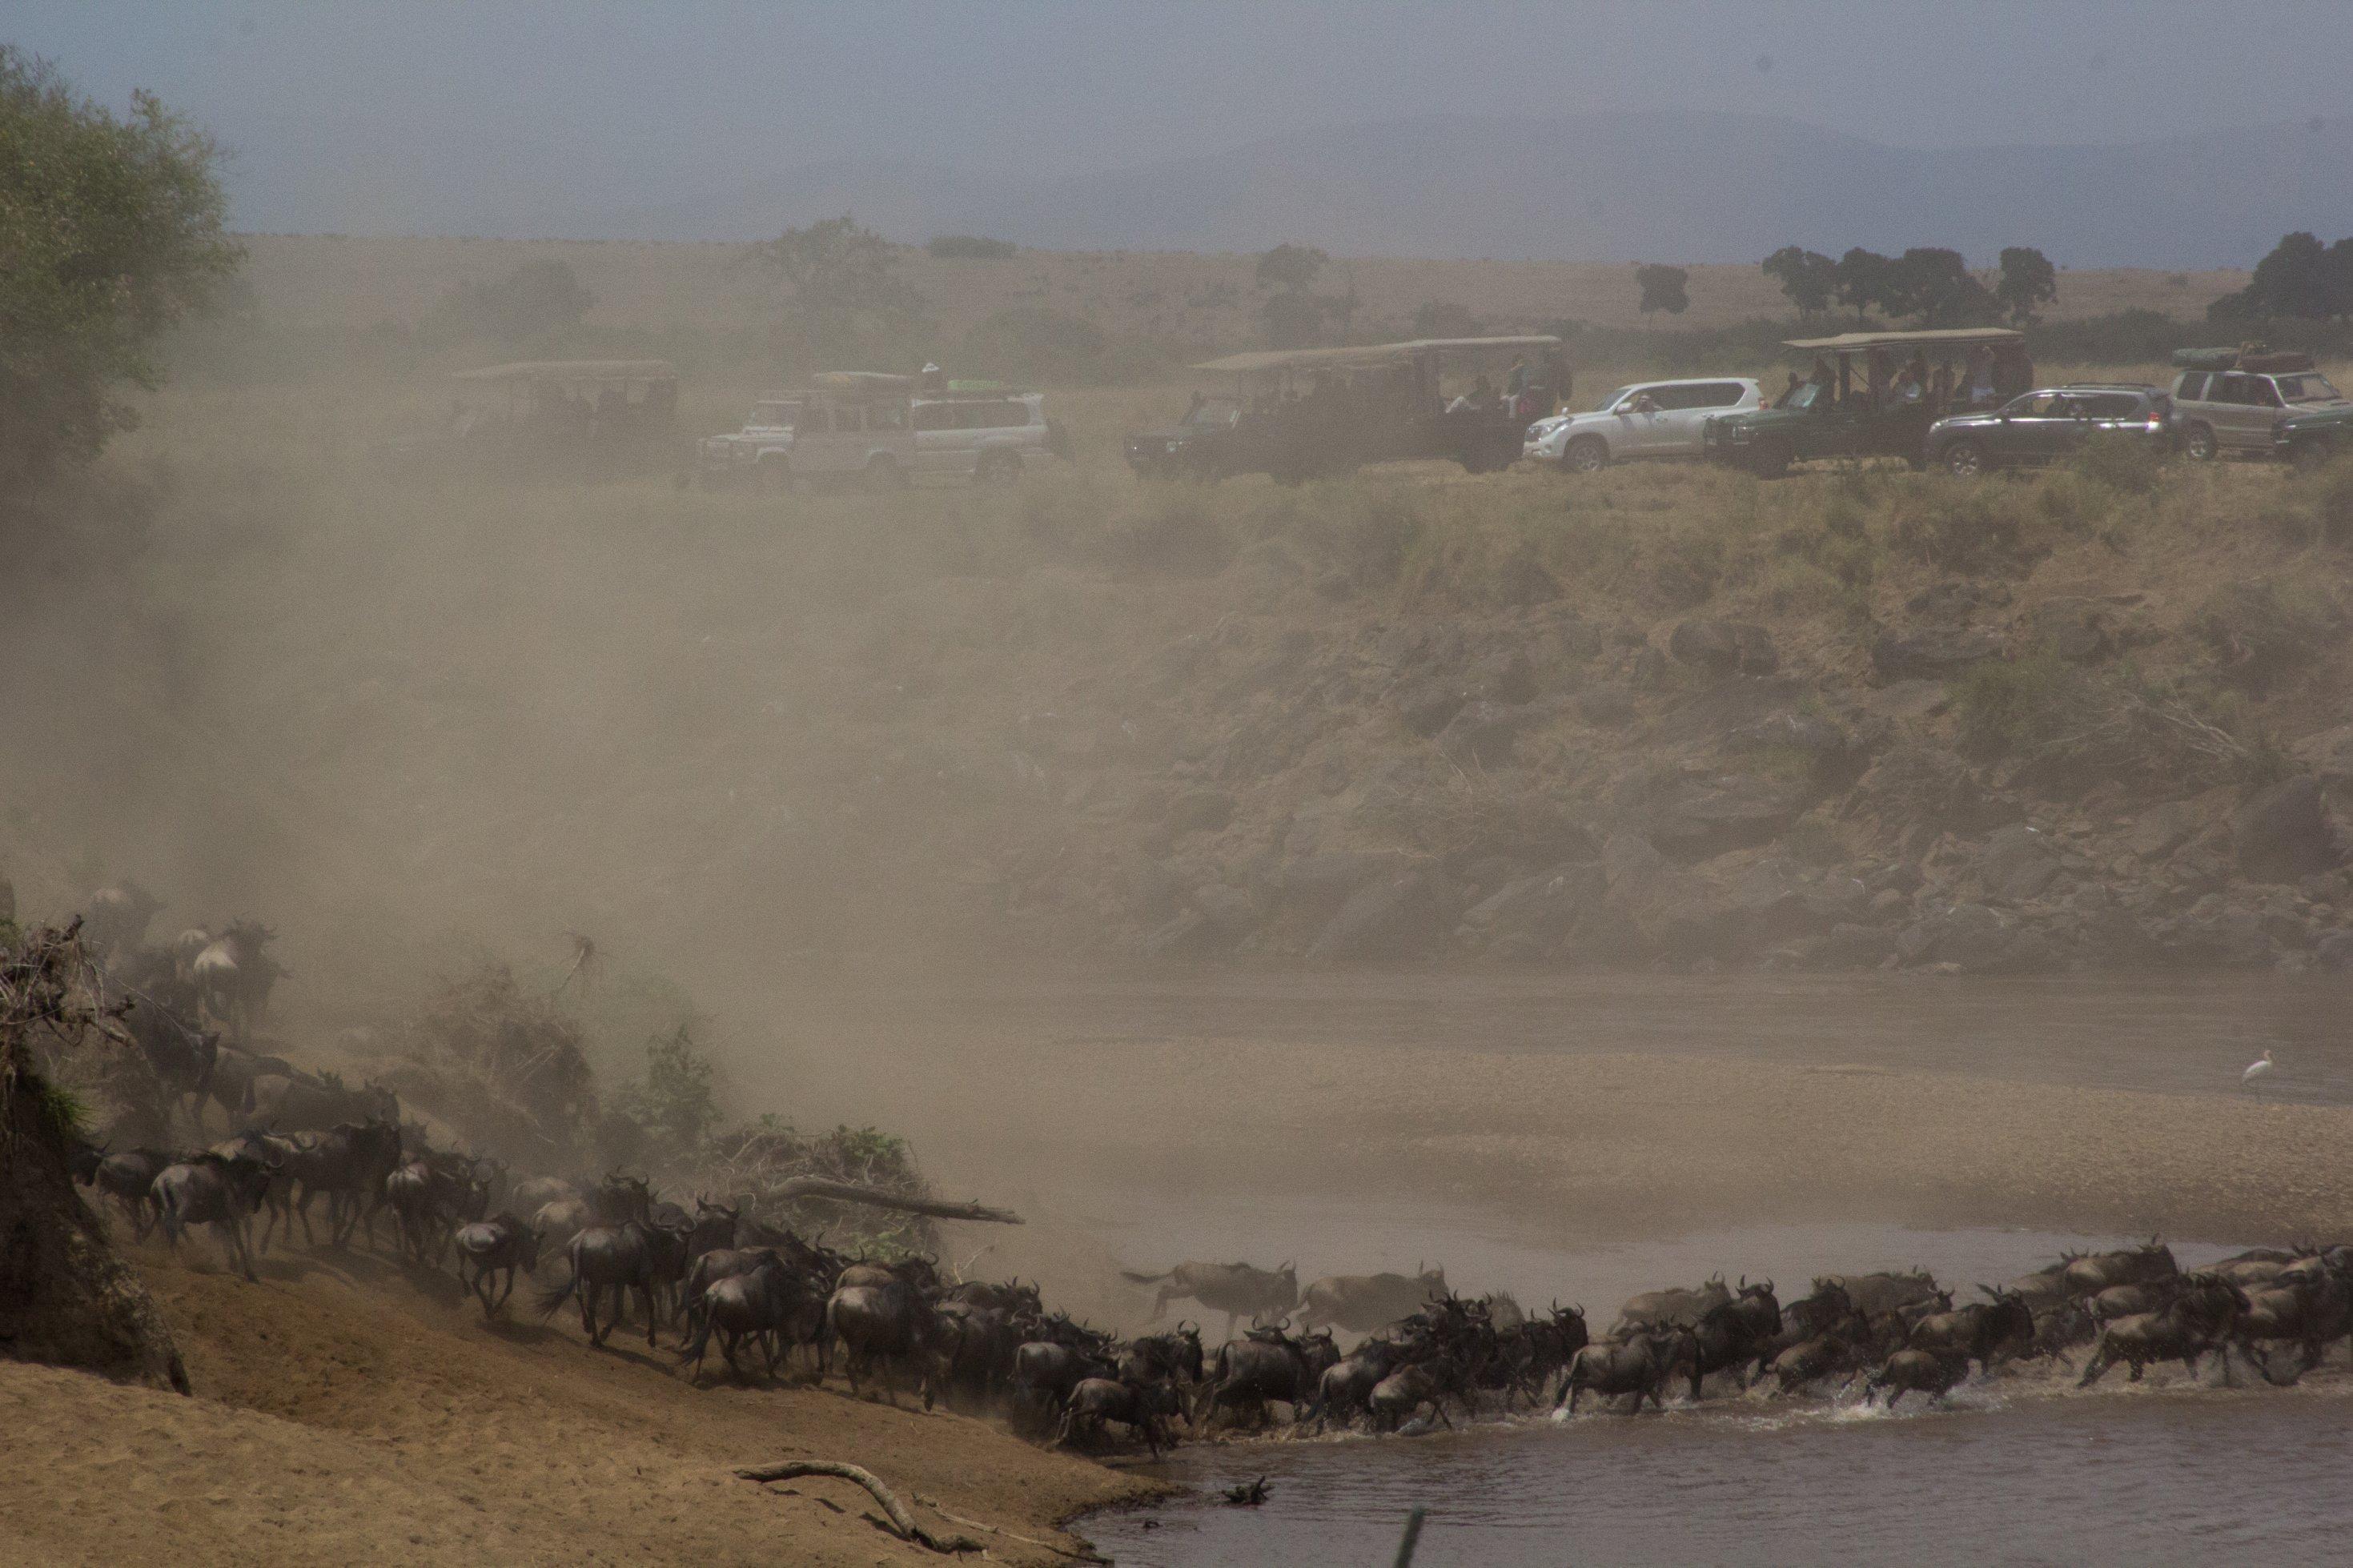 Zu sehen sind die dicht gedrängten Gnus im und am Fluss. Die Ufer sind sehr steil. Oben auf dem Steilhang stehen etliche Geländewagen mit Touristen.